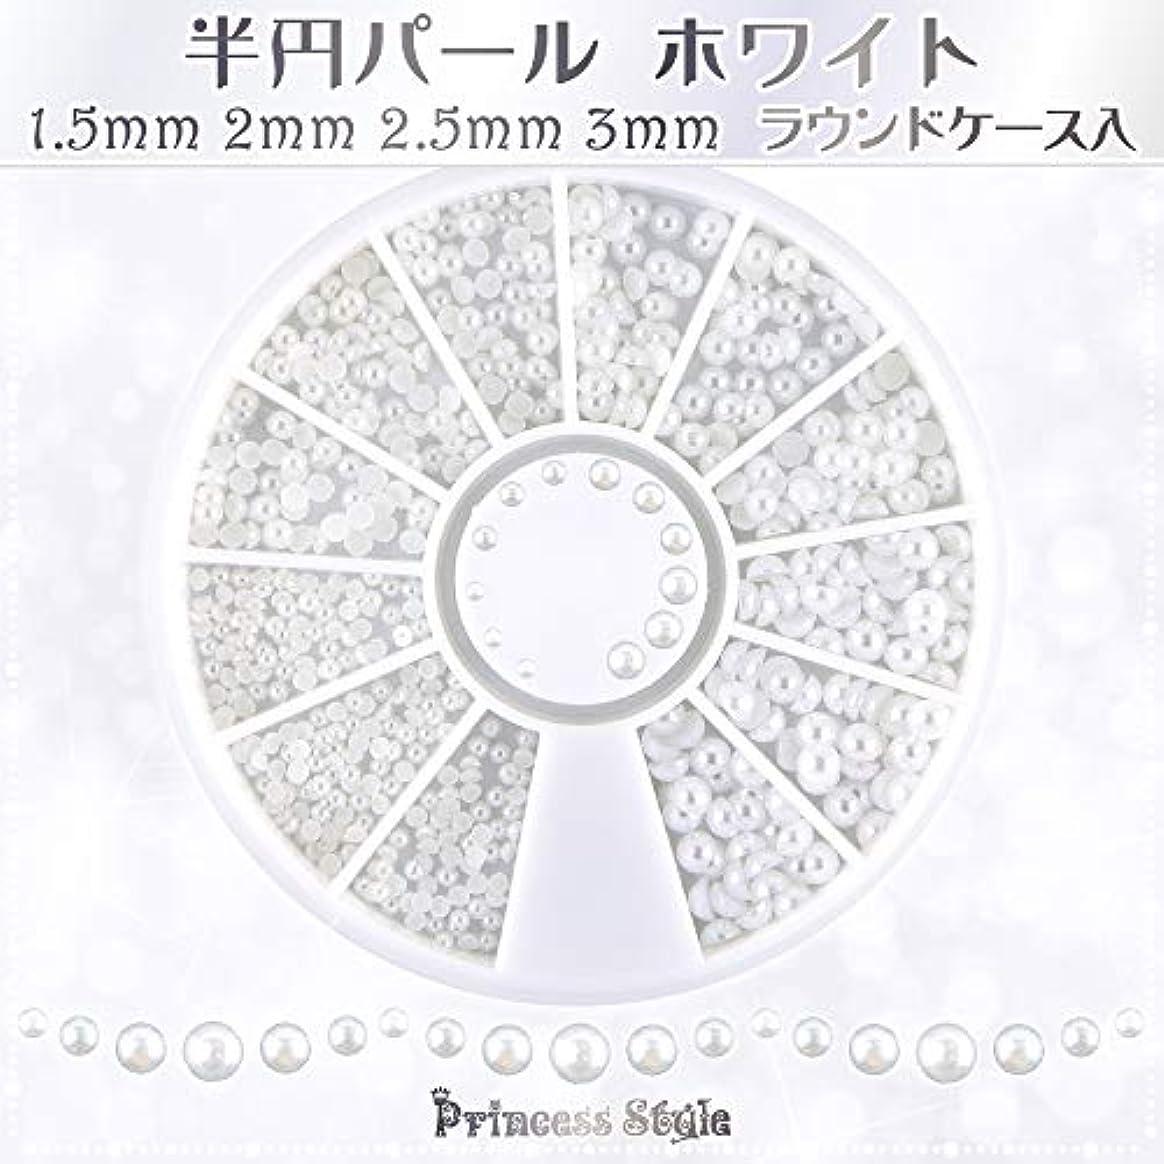 半円パール ホワイト ネイル デコ用 1.5mm,2mm,2.5mm,3mm ラウンドケース入